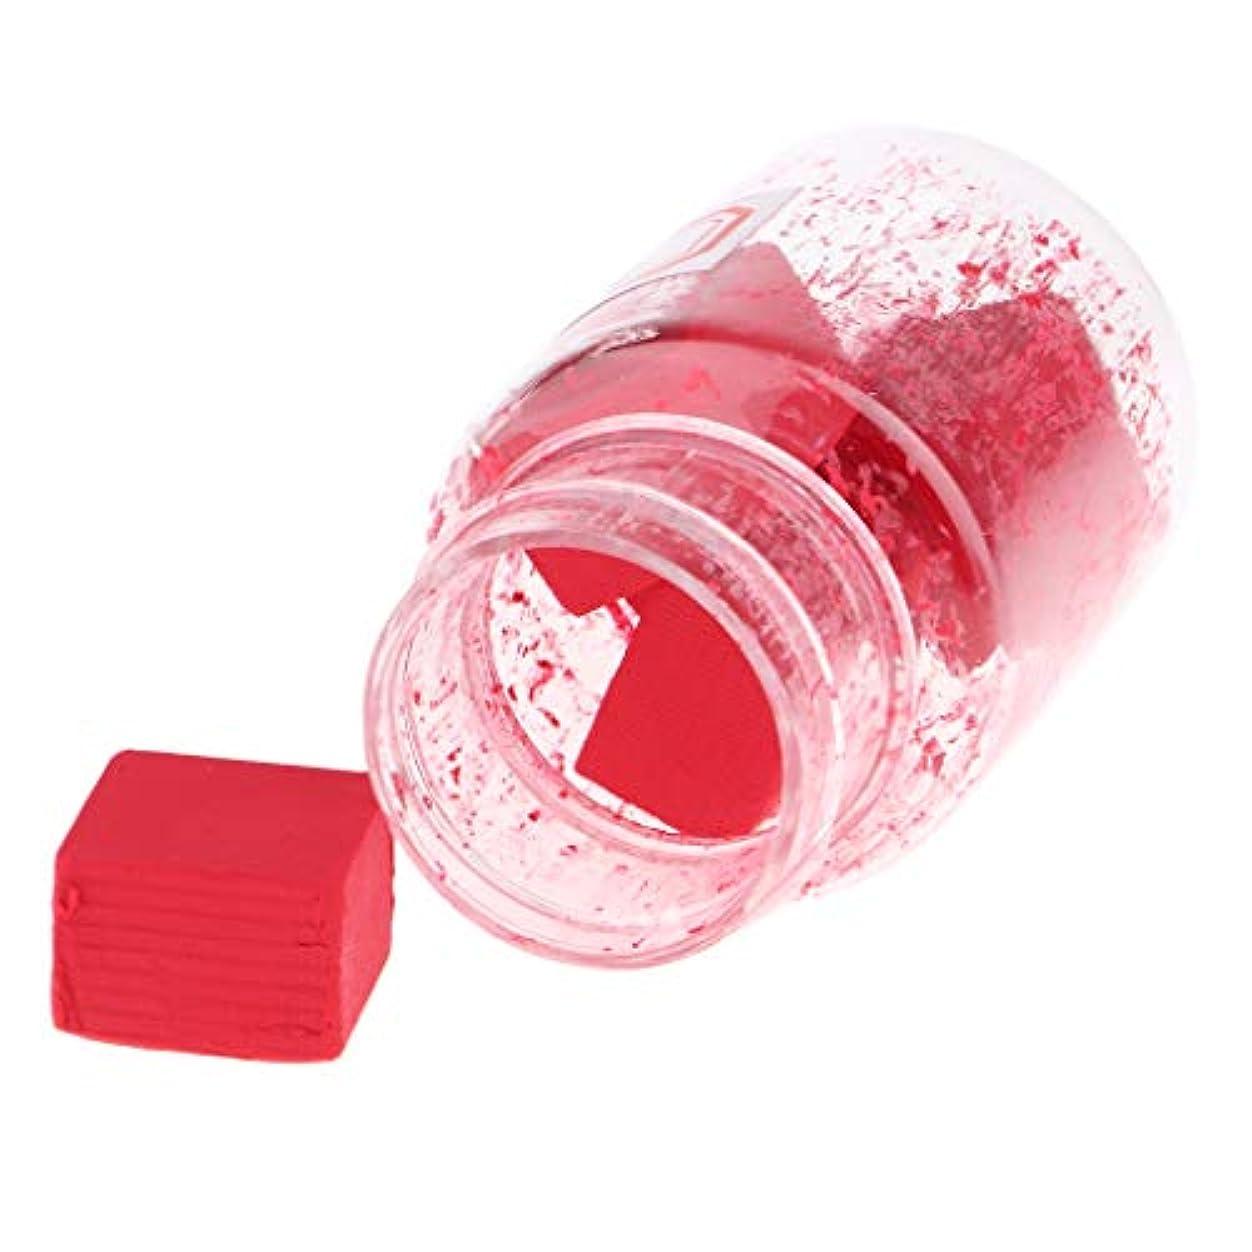 プレフィックス臨検ラオス人Perfeclan 口紅作り DIY リップスティック原料 赤面原料 無ワックス 無粉砕 無飛翔粉末 9色選択でき - B